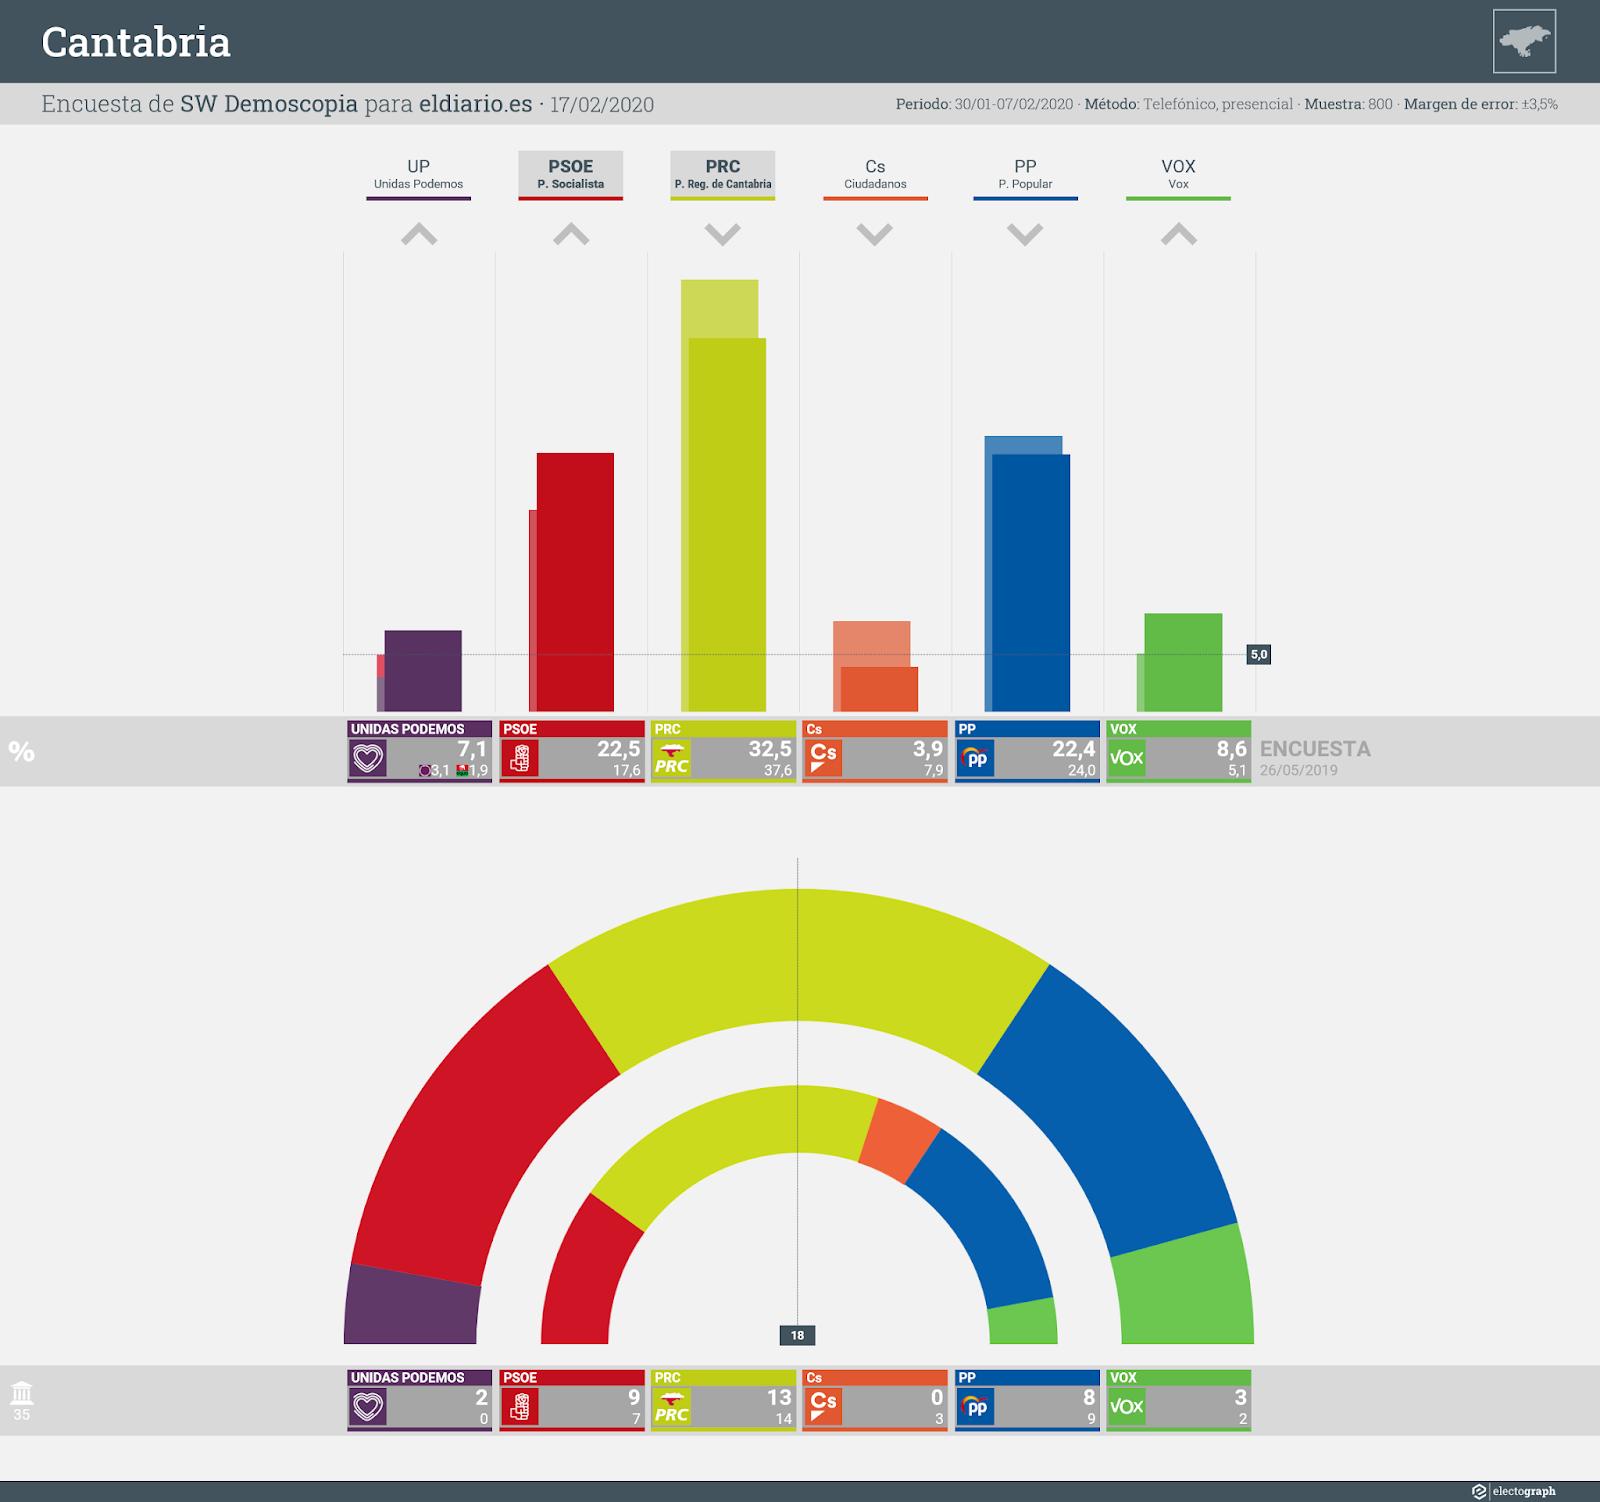 Gráfico de la encuesta para elecciones autonómicas en Cantabria realizada por SW Demoscopia, 17 de febrero de 2020